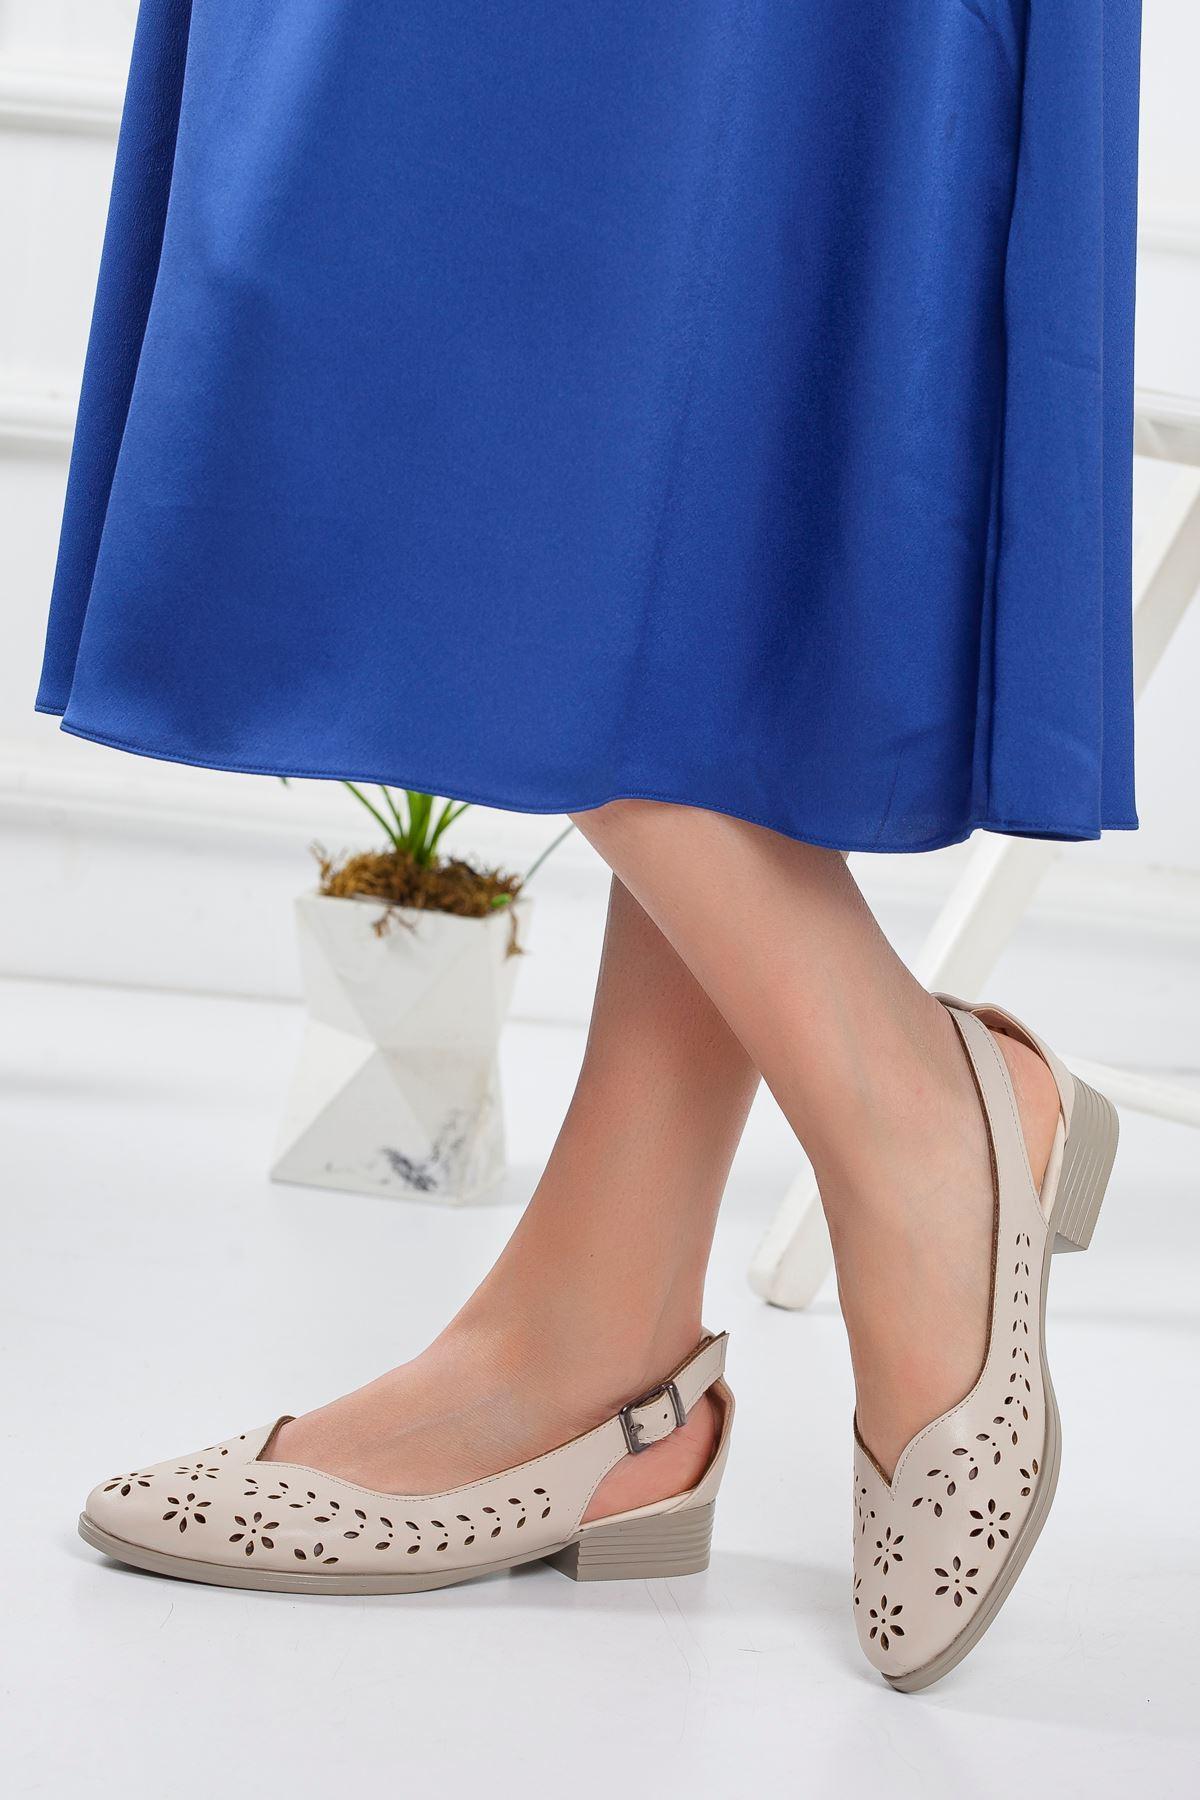 Milor Yazlık Kısa Topuk Babet Ayakkabı Ten